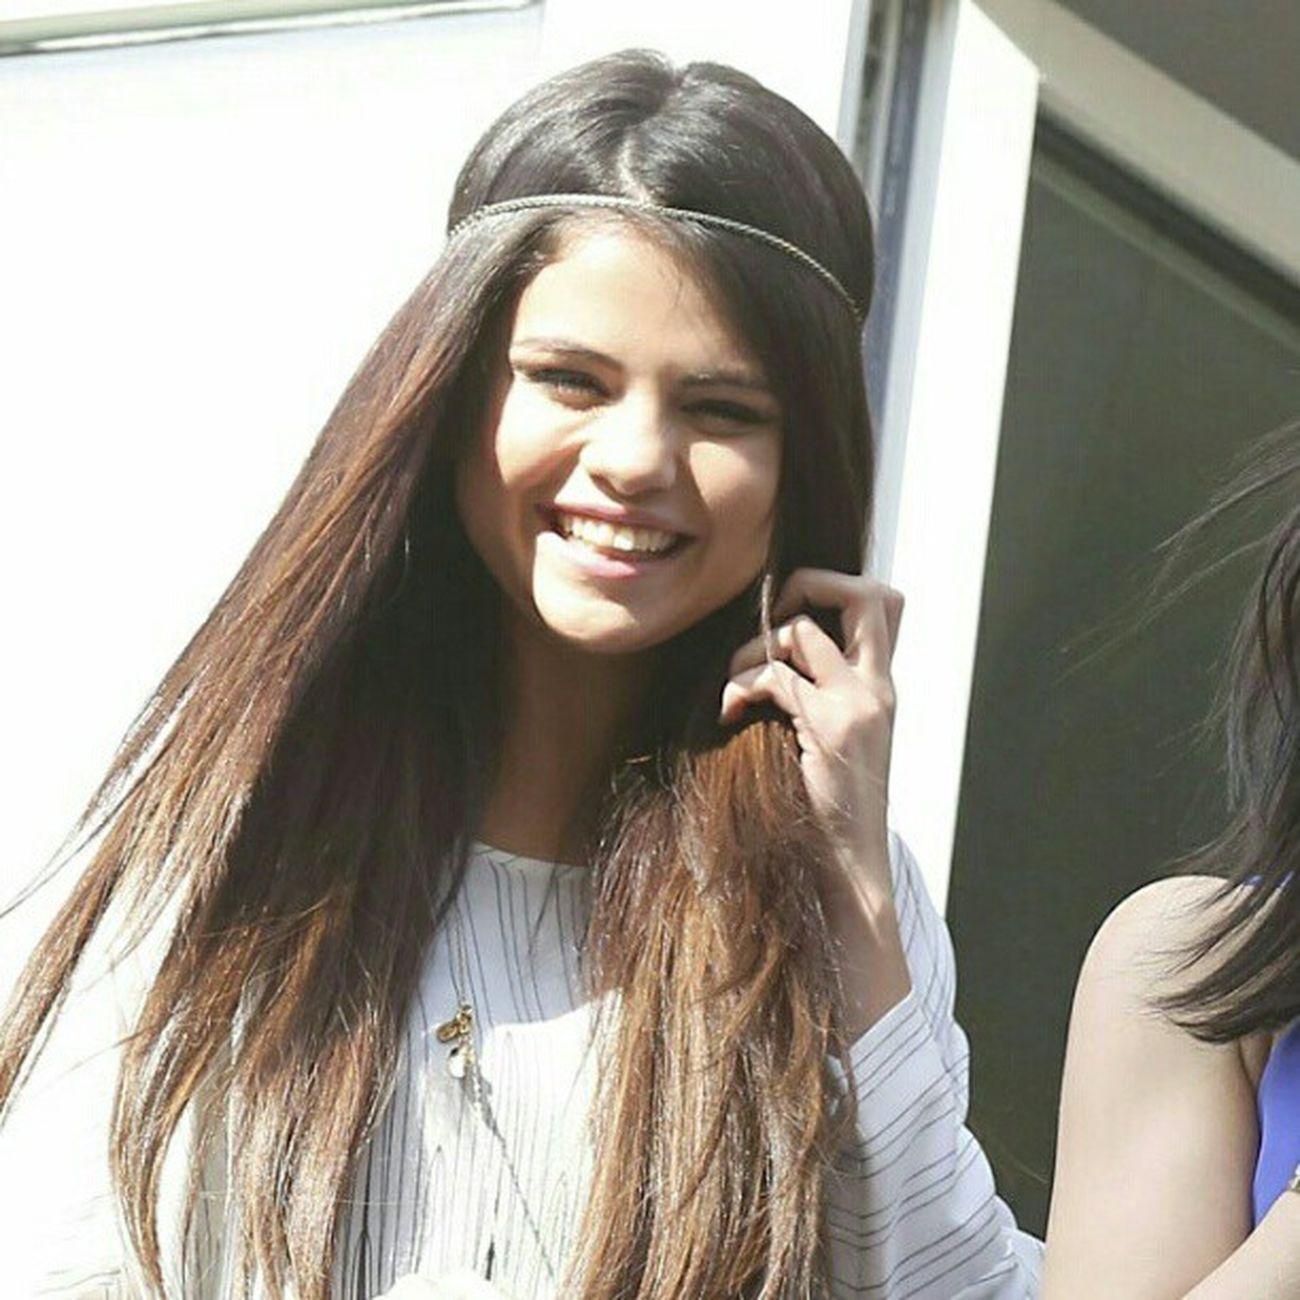 Smile Sweet Cute Selenagomez selenamariegomez